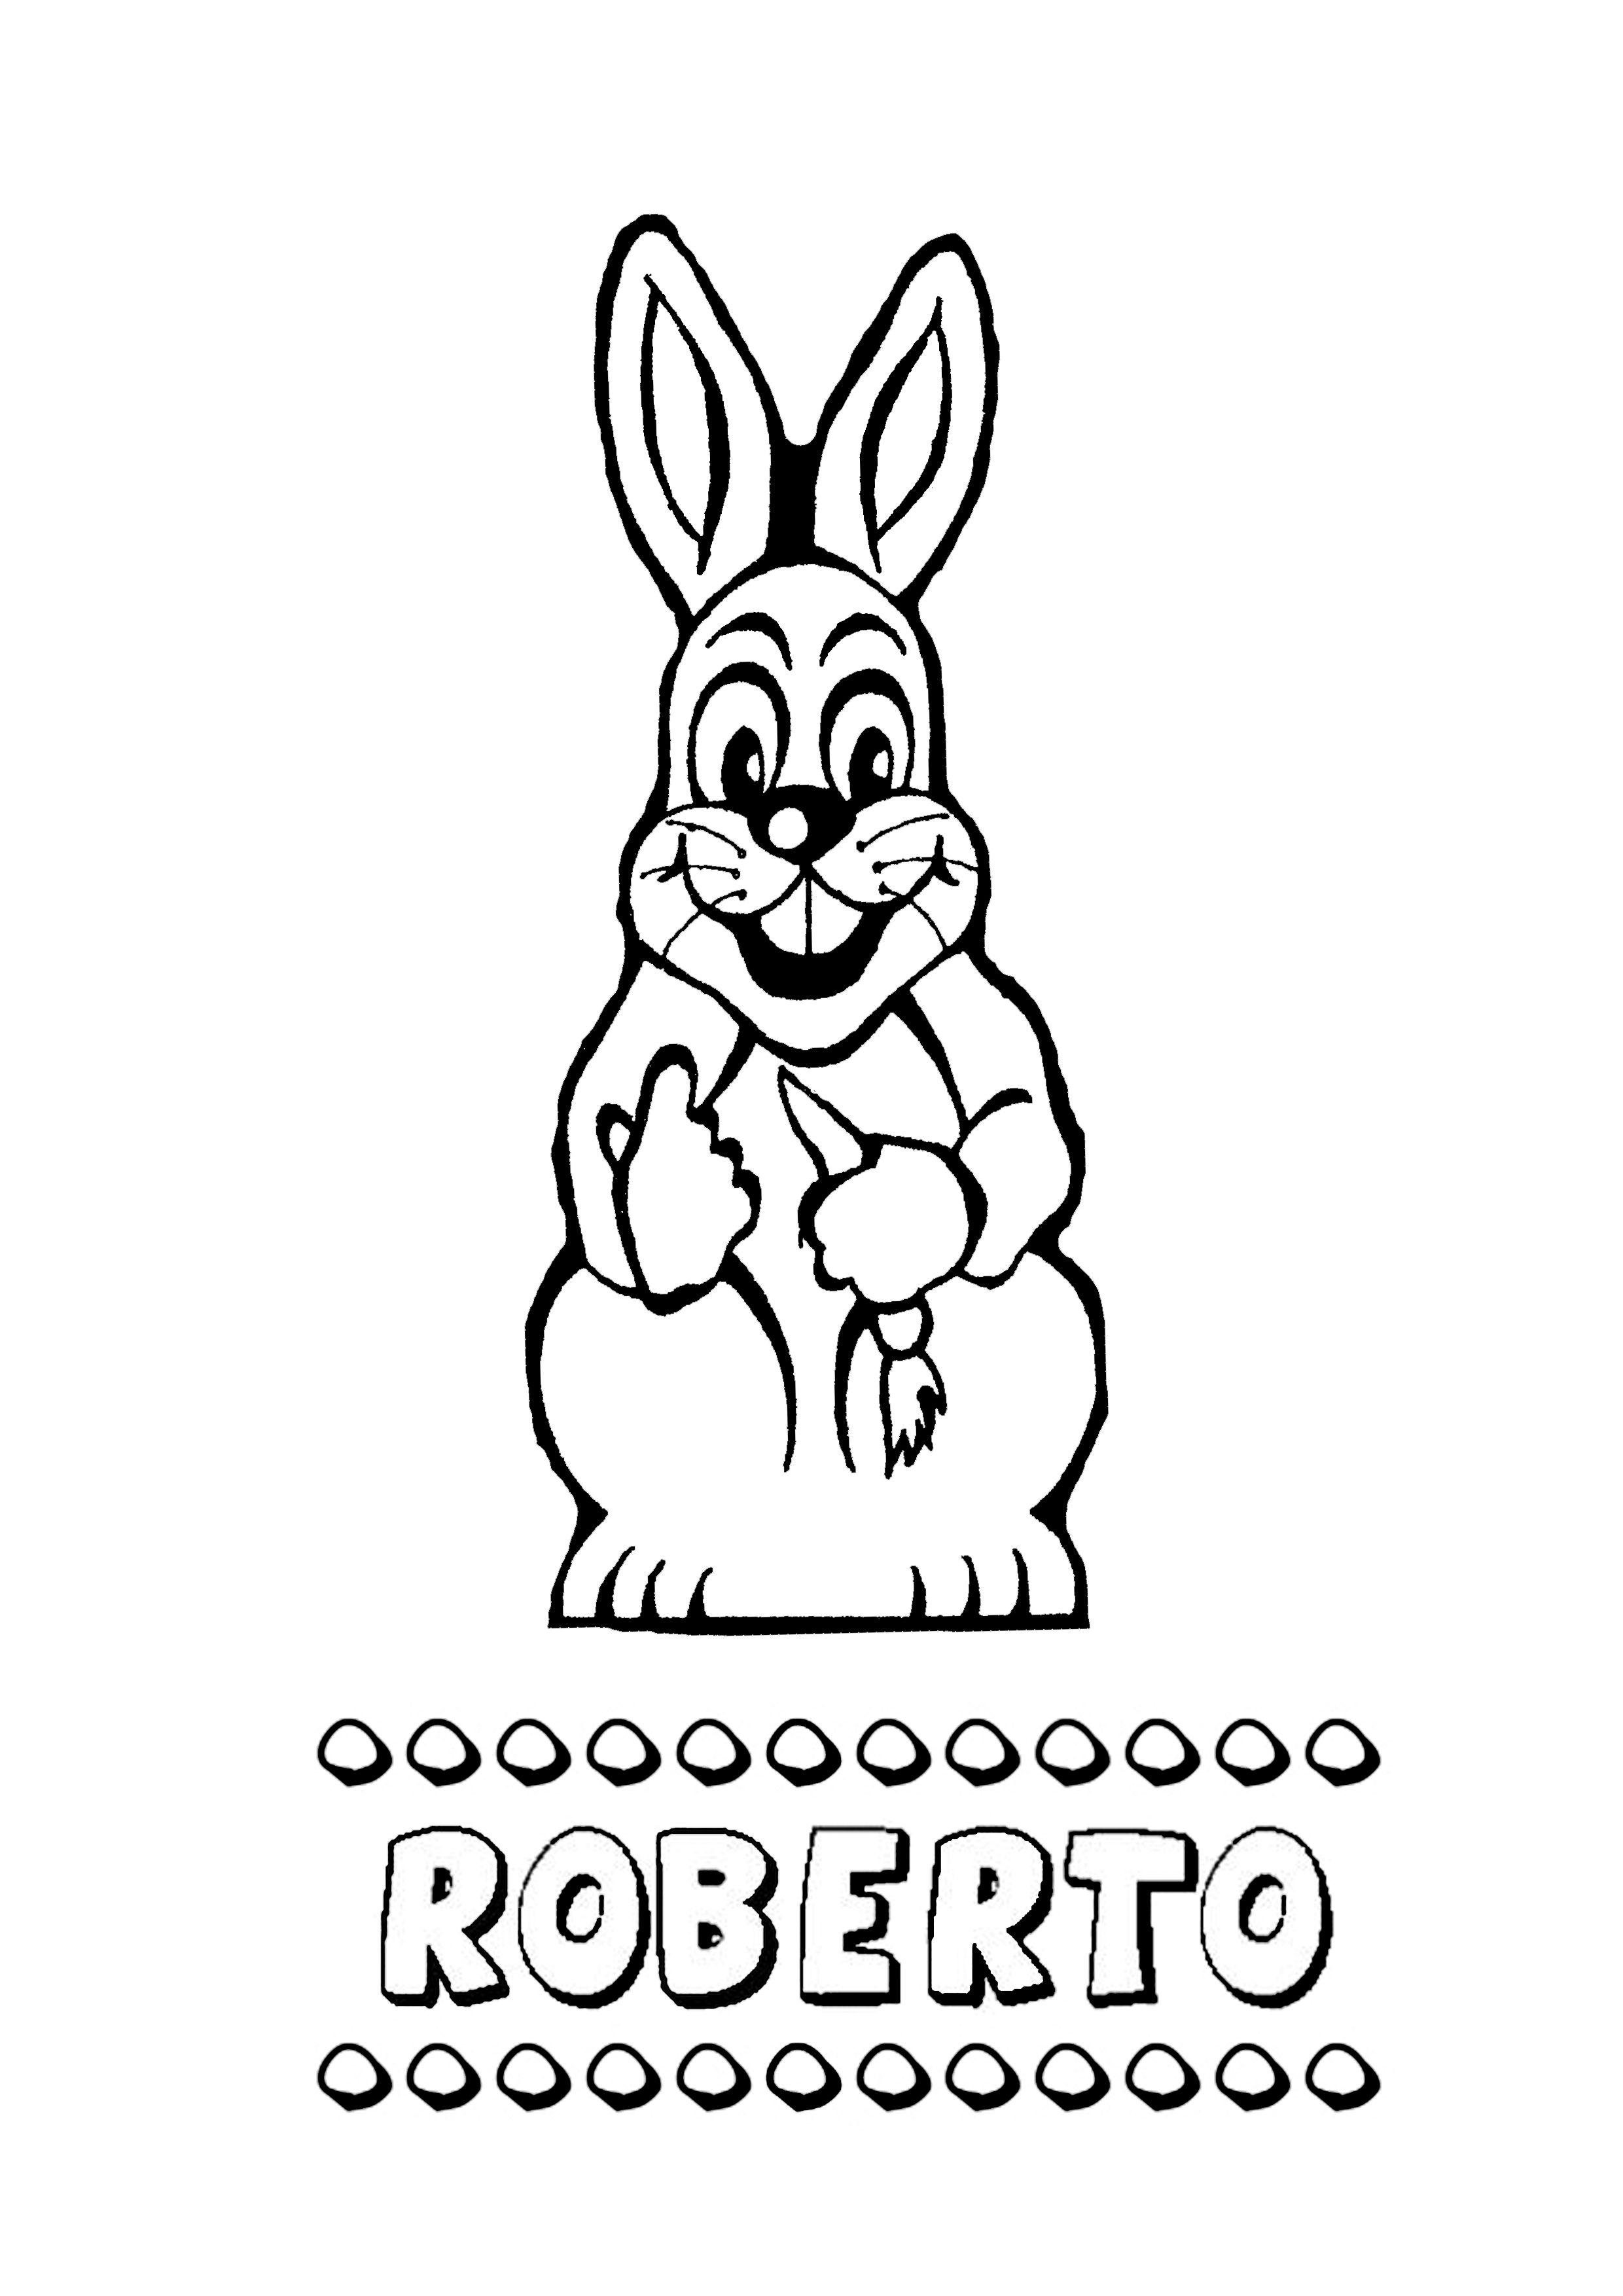 roberto conejo dibujar